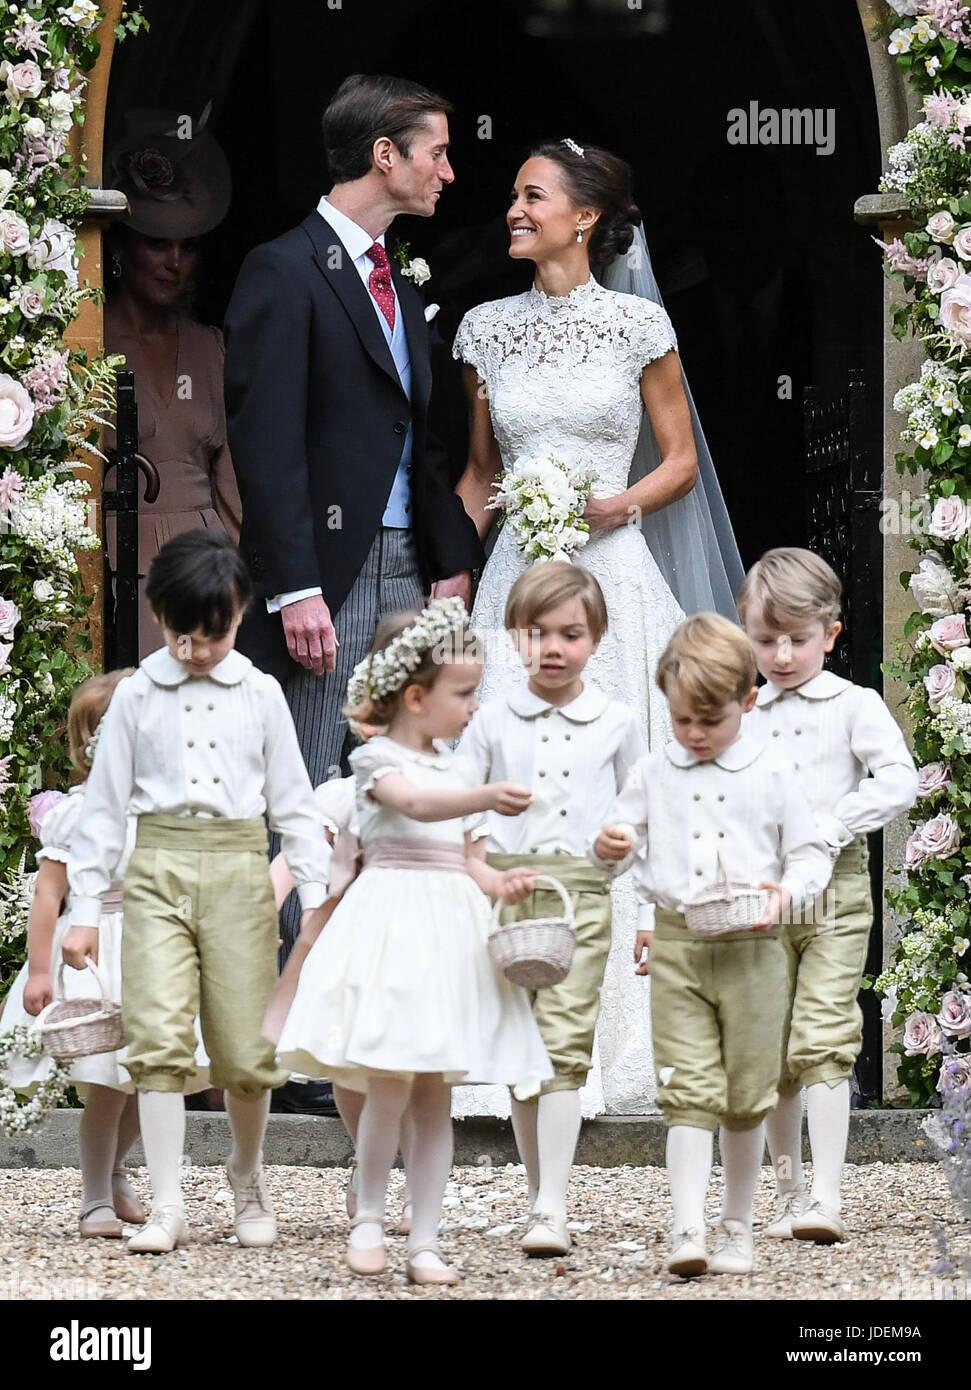 Matrimonio Di Pippa : Matrimonio di pippa middleton numeri e curiosità